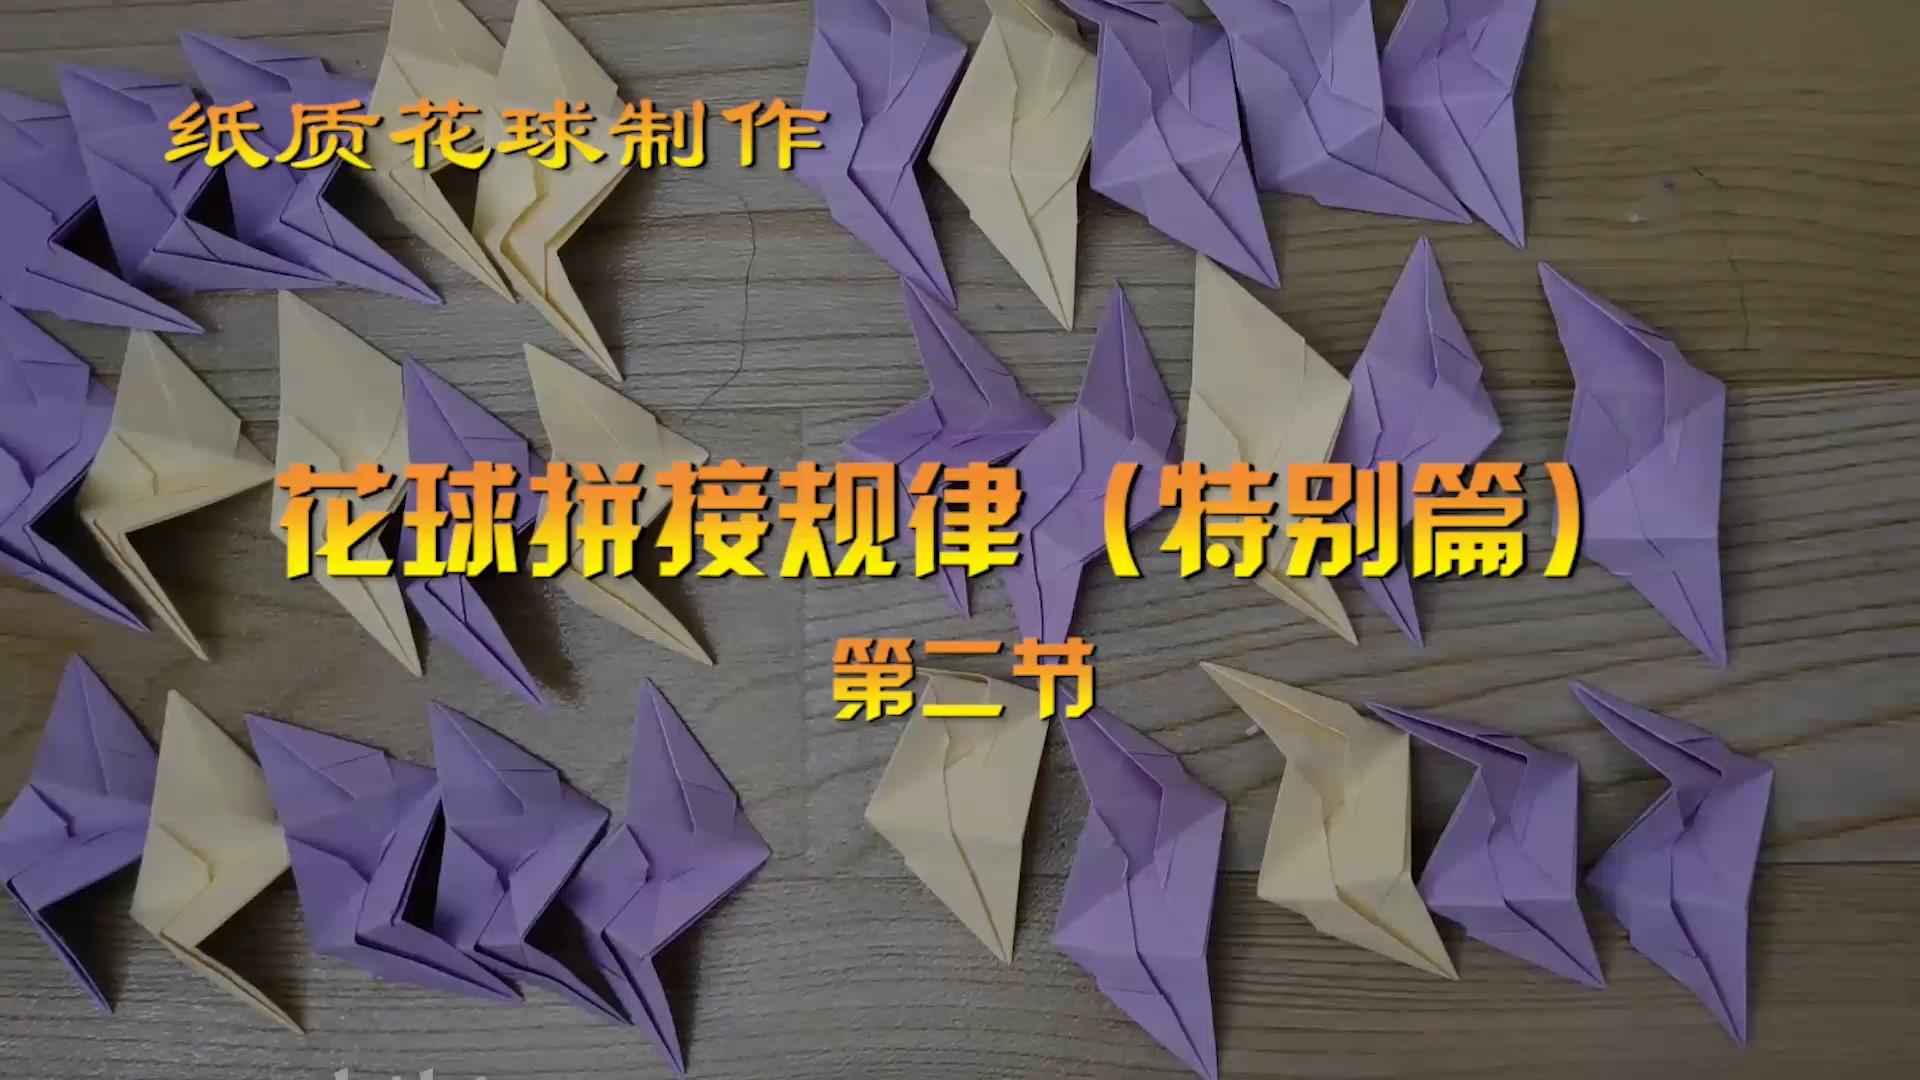 神奇海螺的花球教程38 拼接规律 第二节